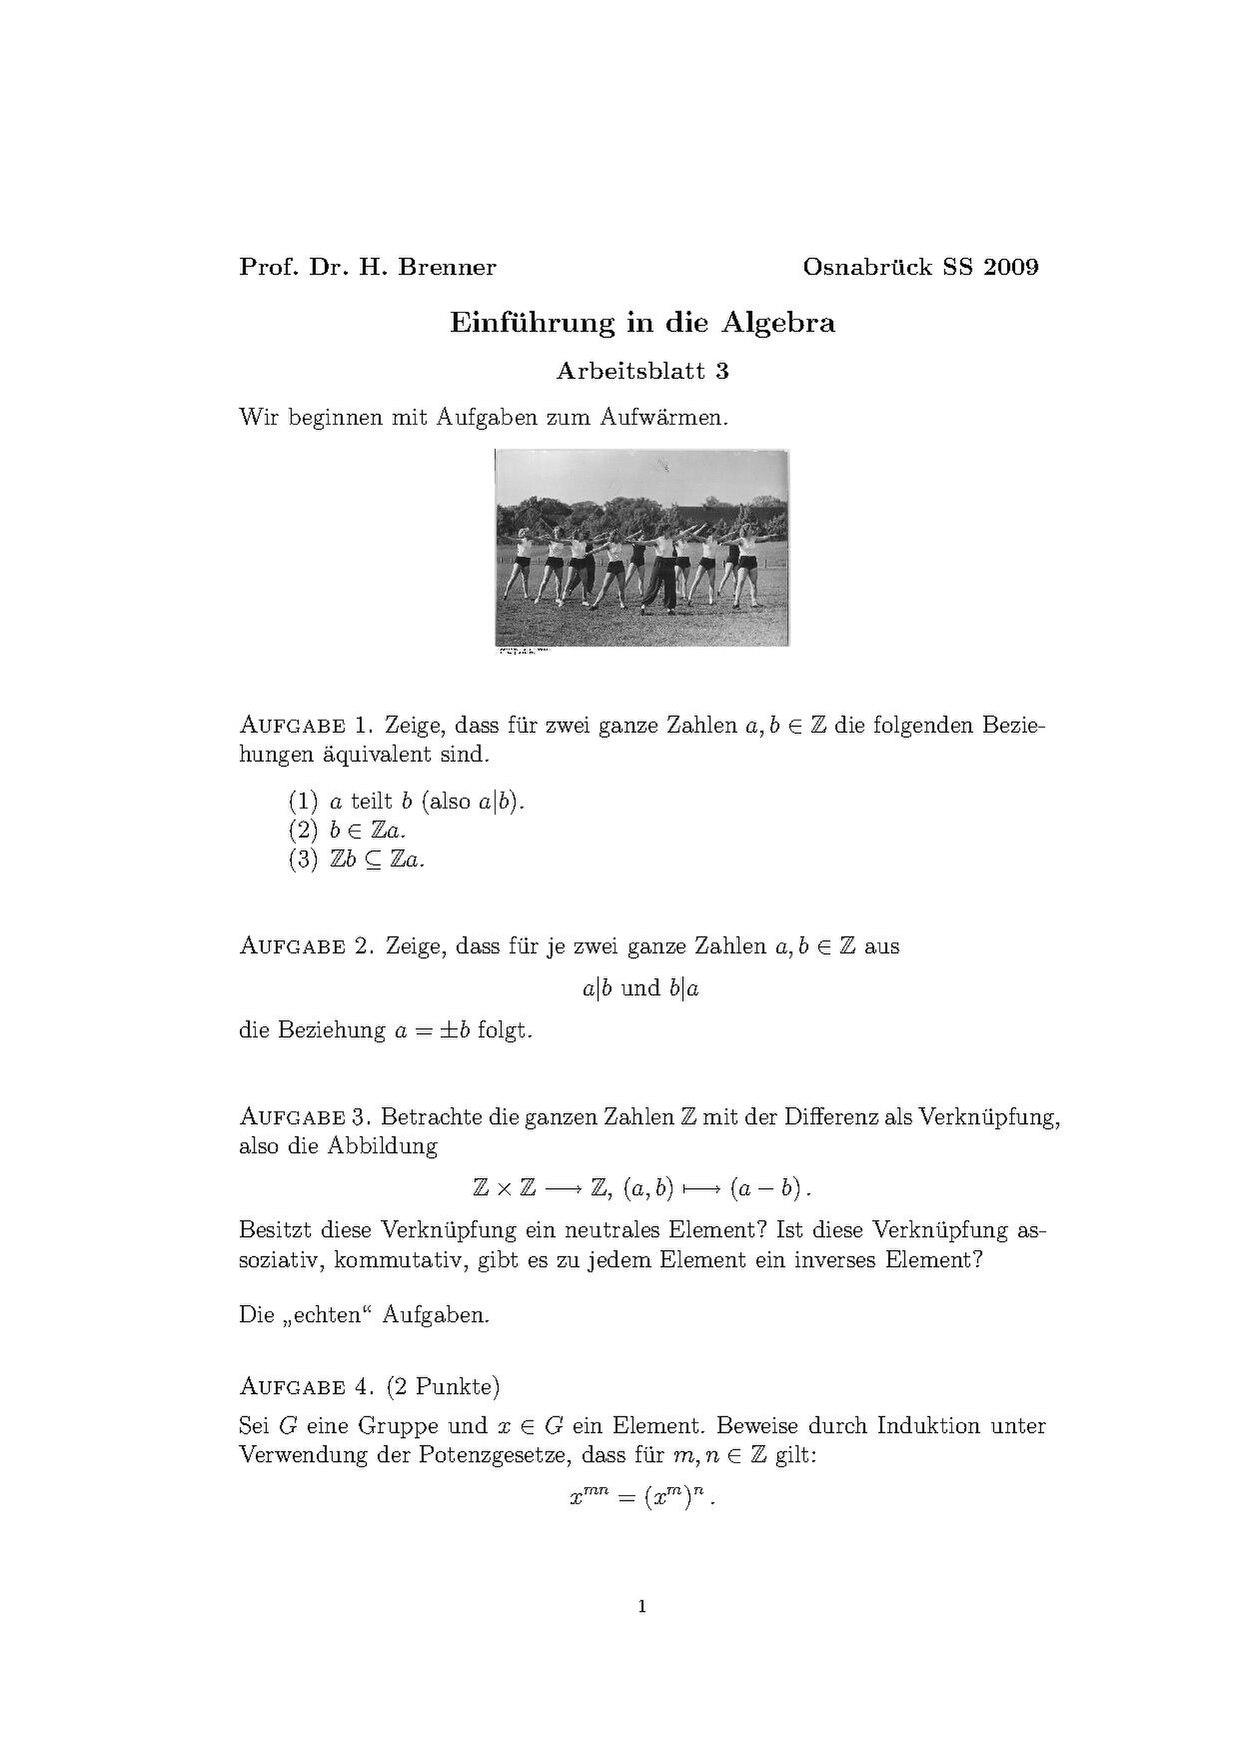 Datei:Einführung in die Algebra (Osnabrück 2009)Arbeitsblatt3.pdf ...